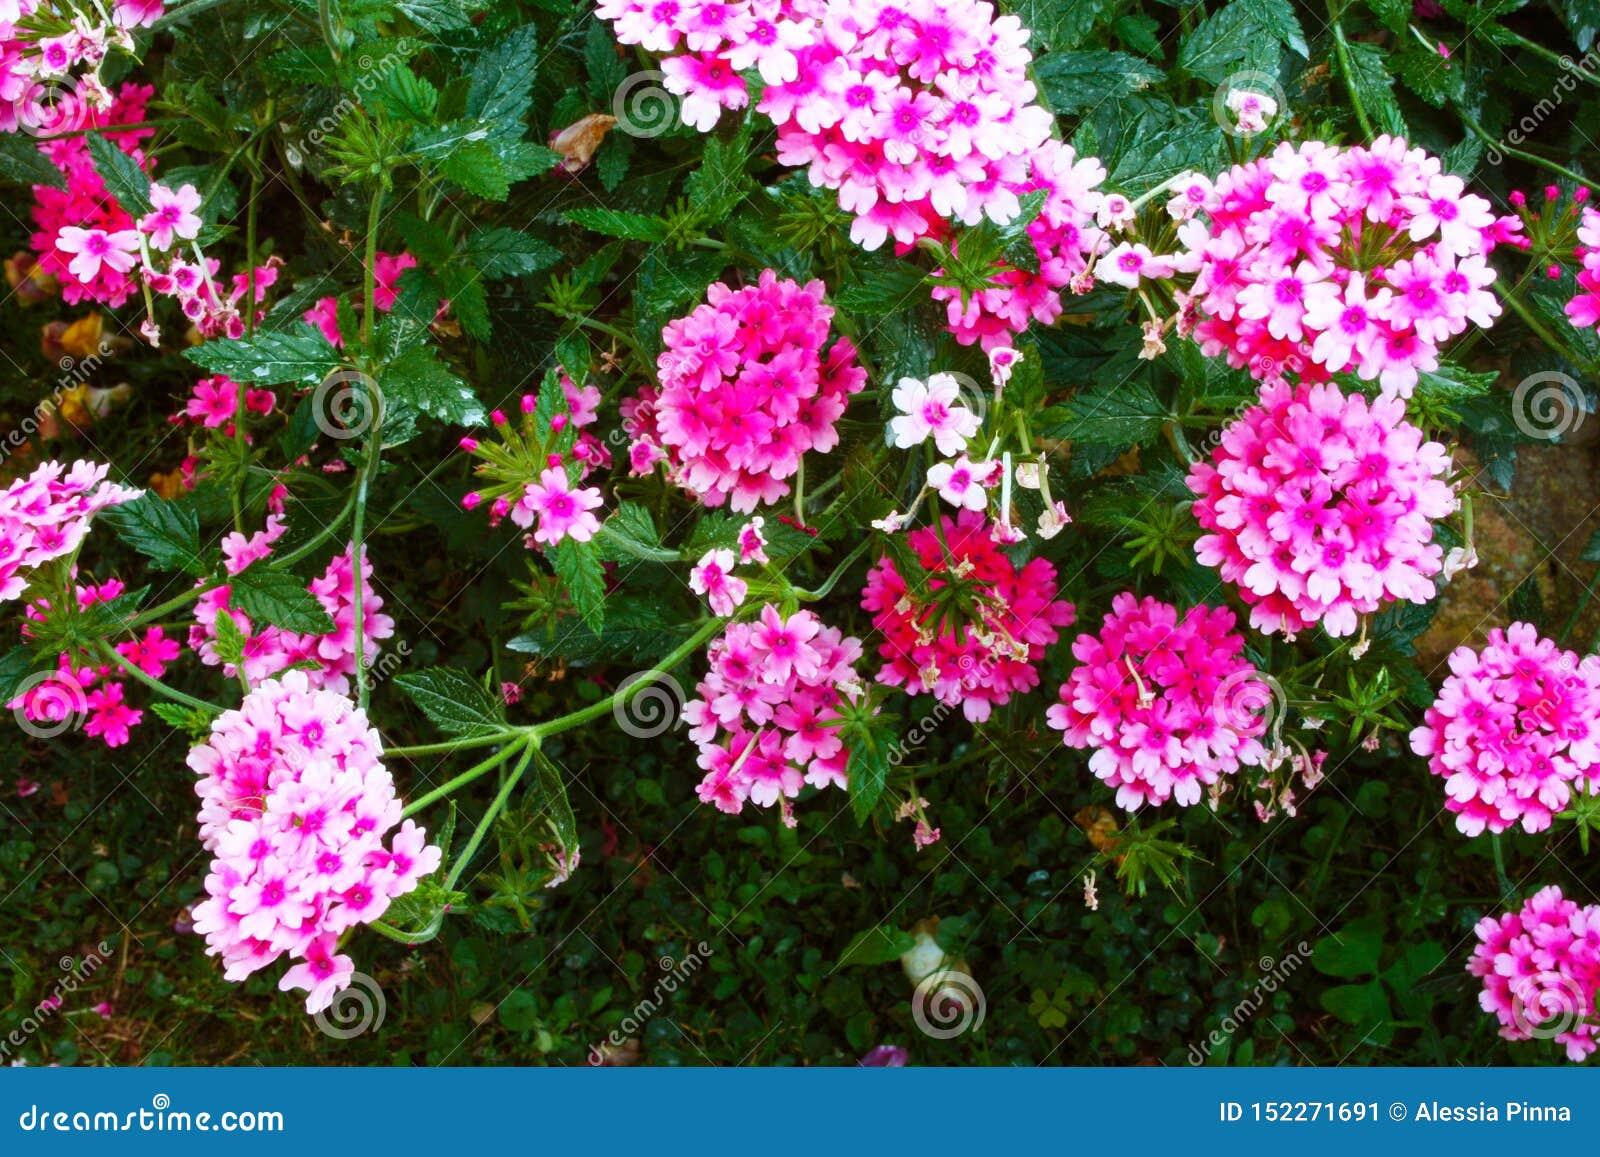 Сочный зеленый куст пинка и пурпурного цветка вербены